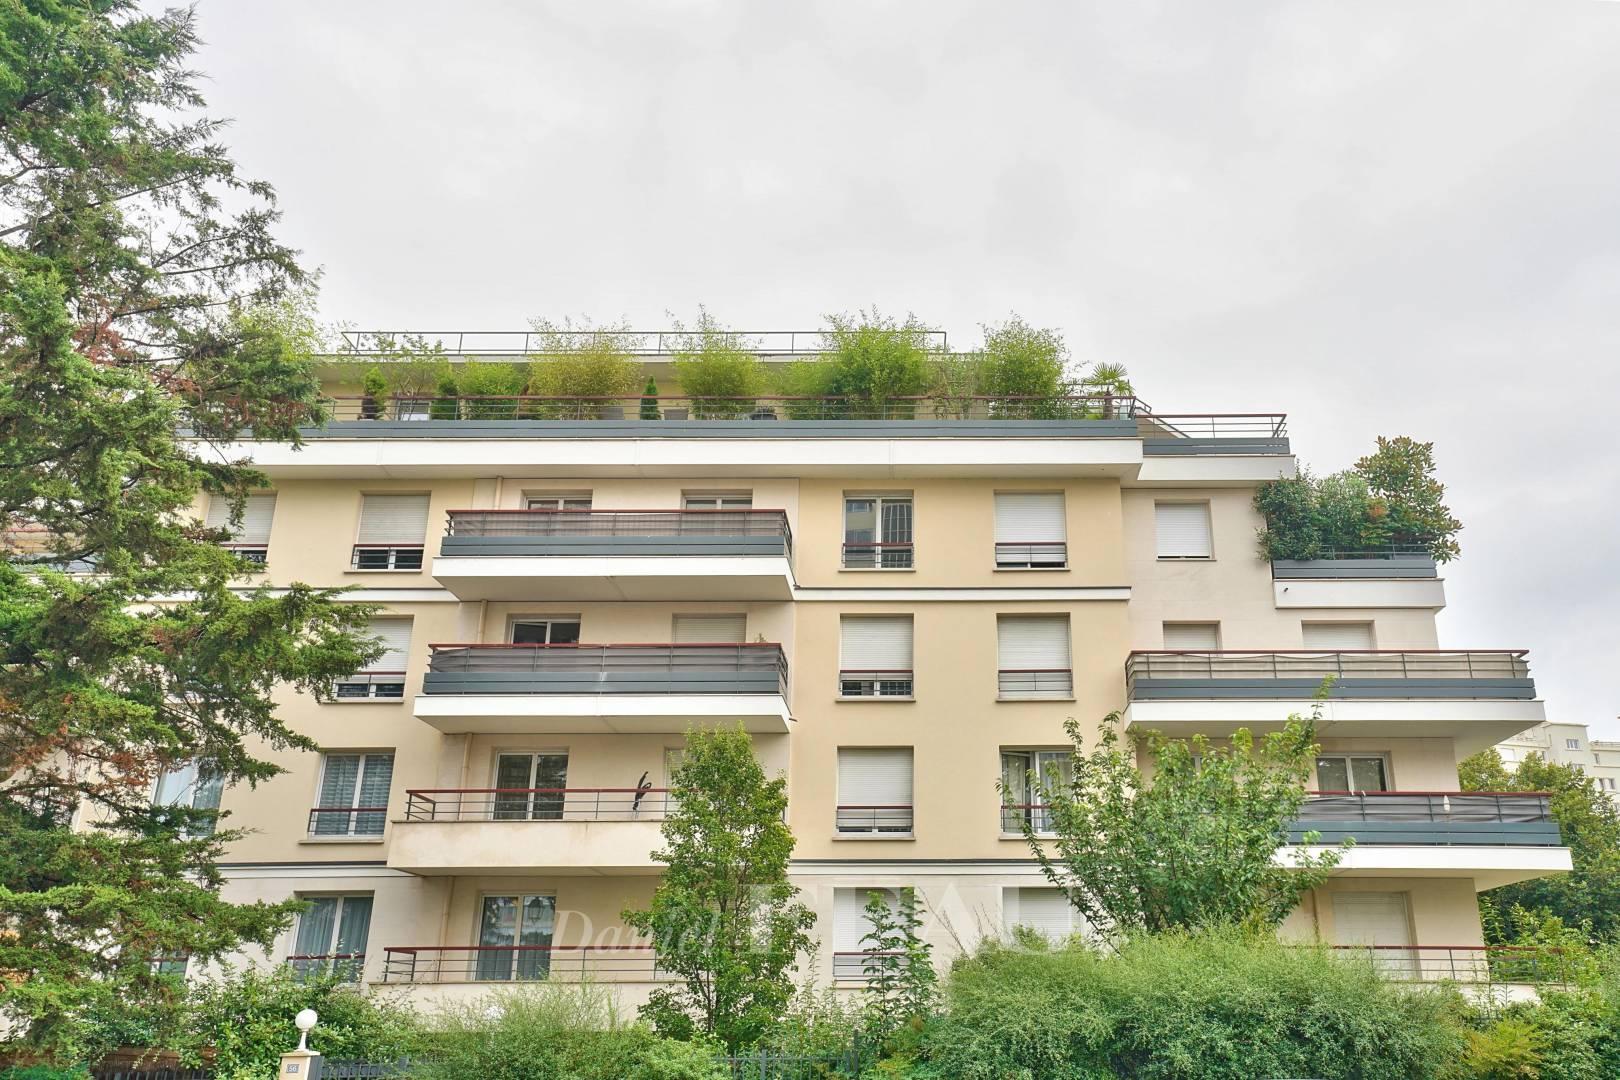 1 5 Saint-Cloud